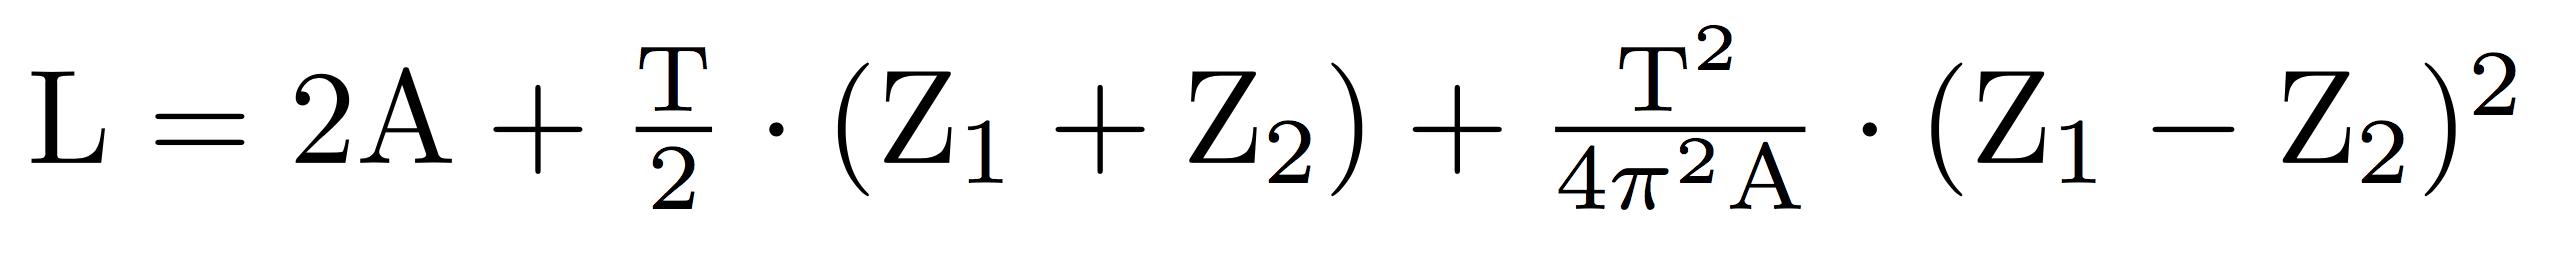 Formel zur Berechnung der Zahnriemenlänge